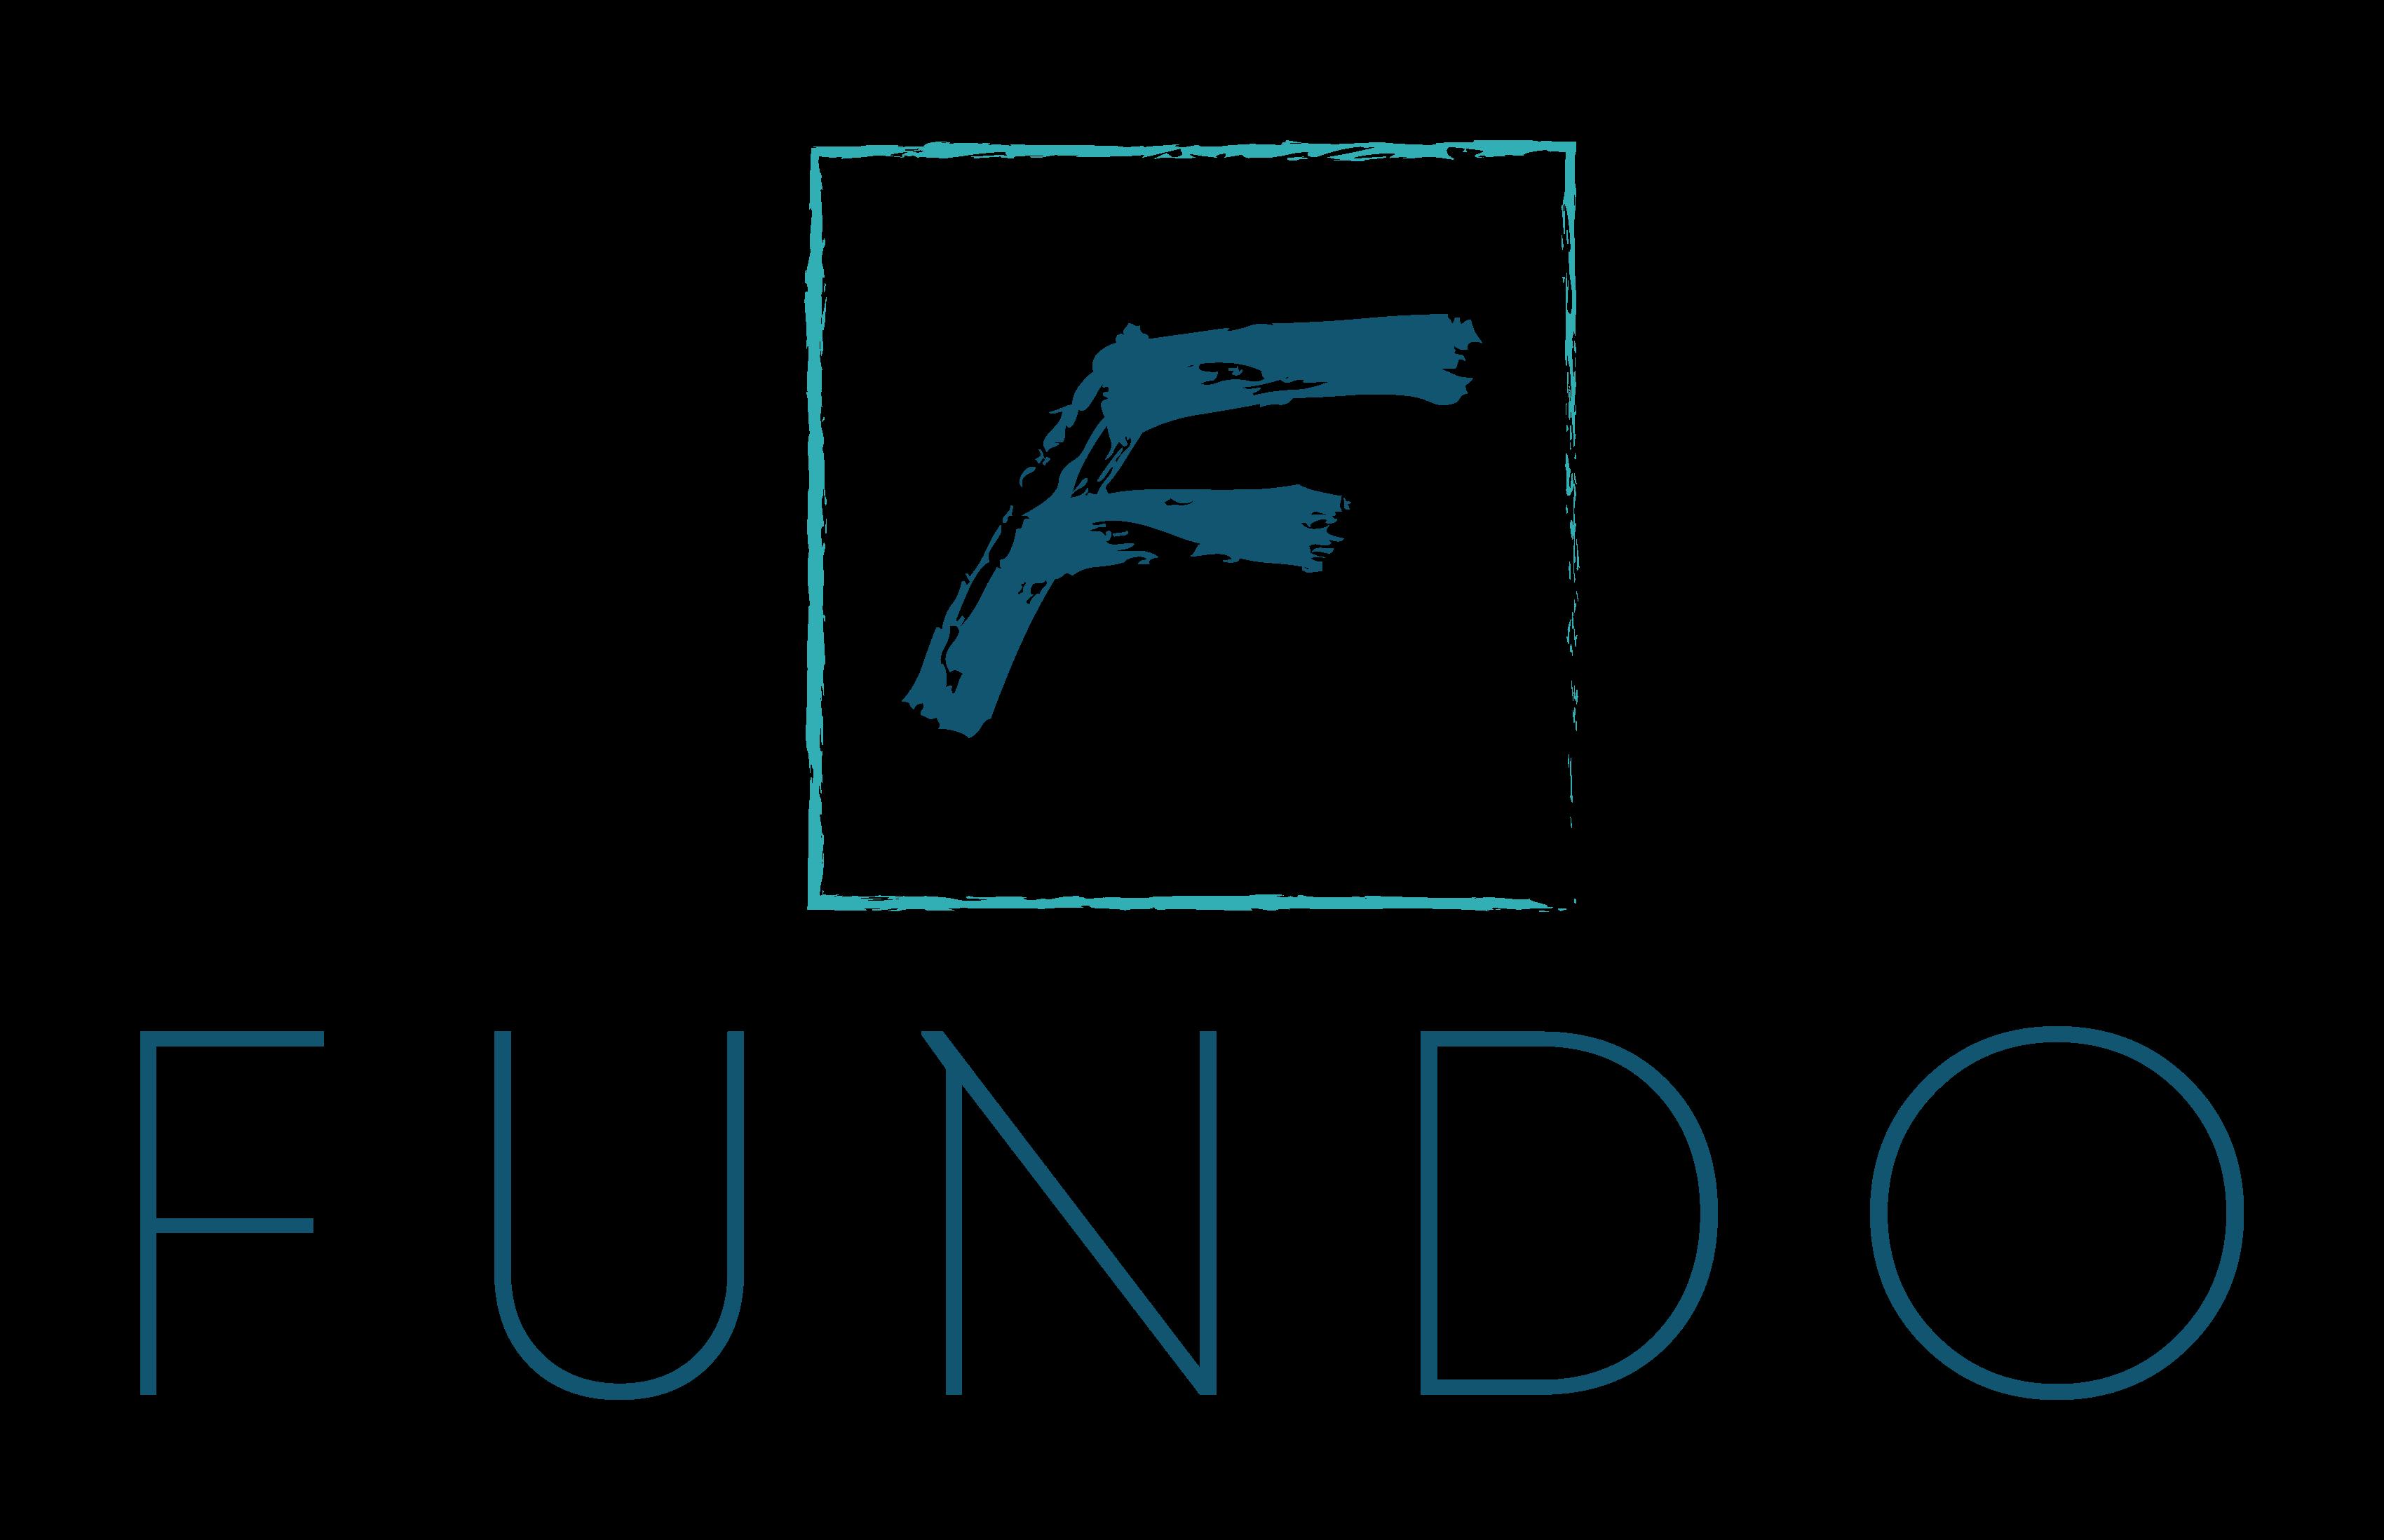 Fundo.cz